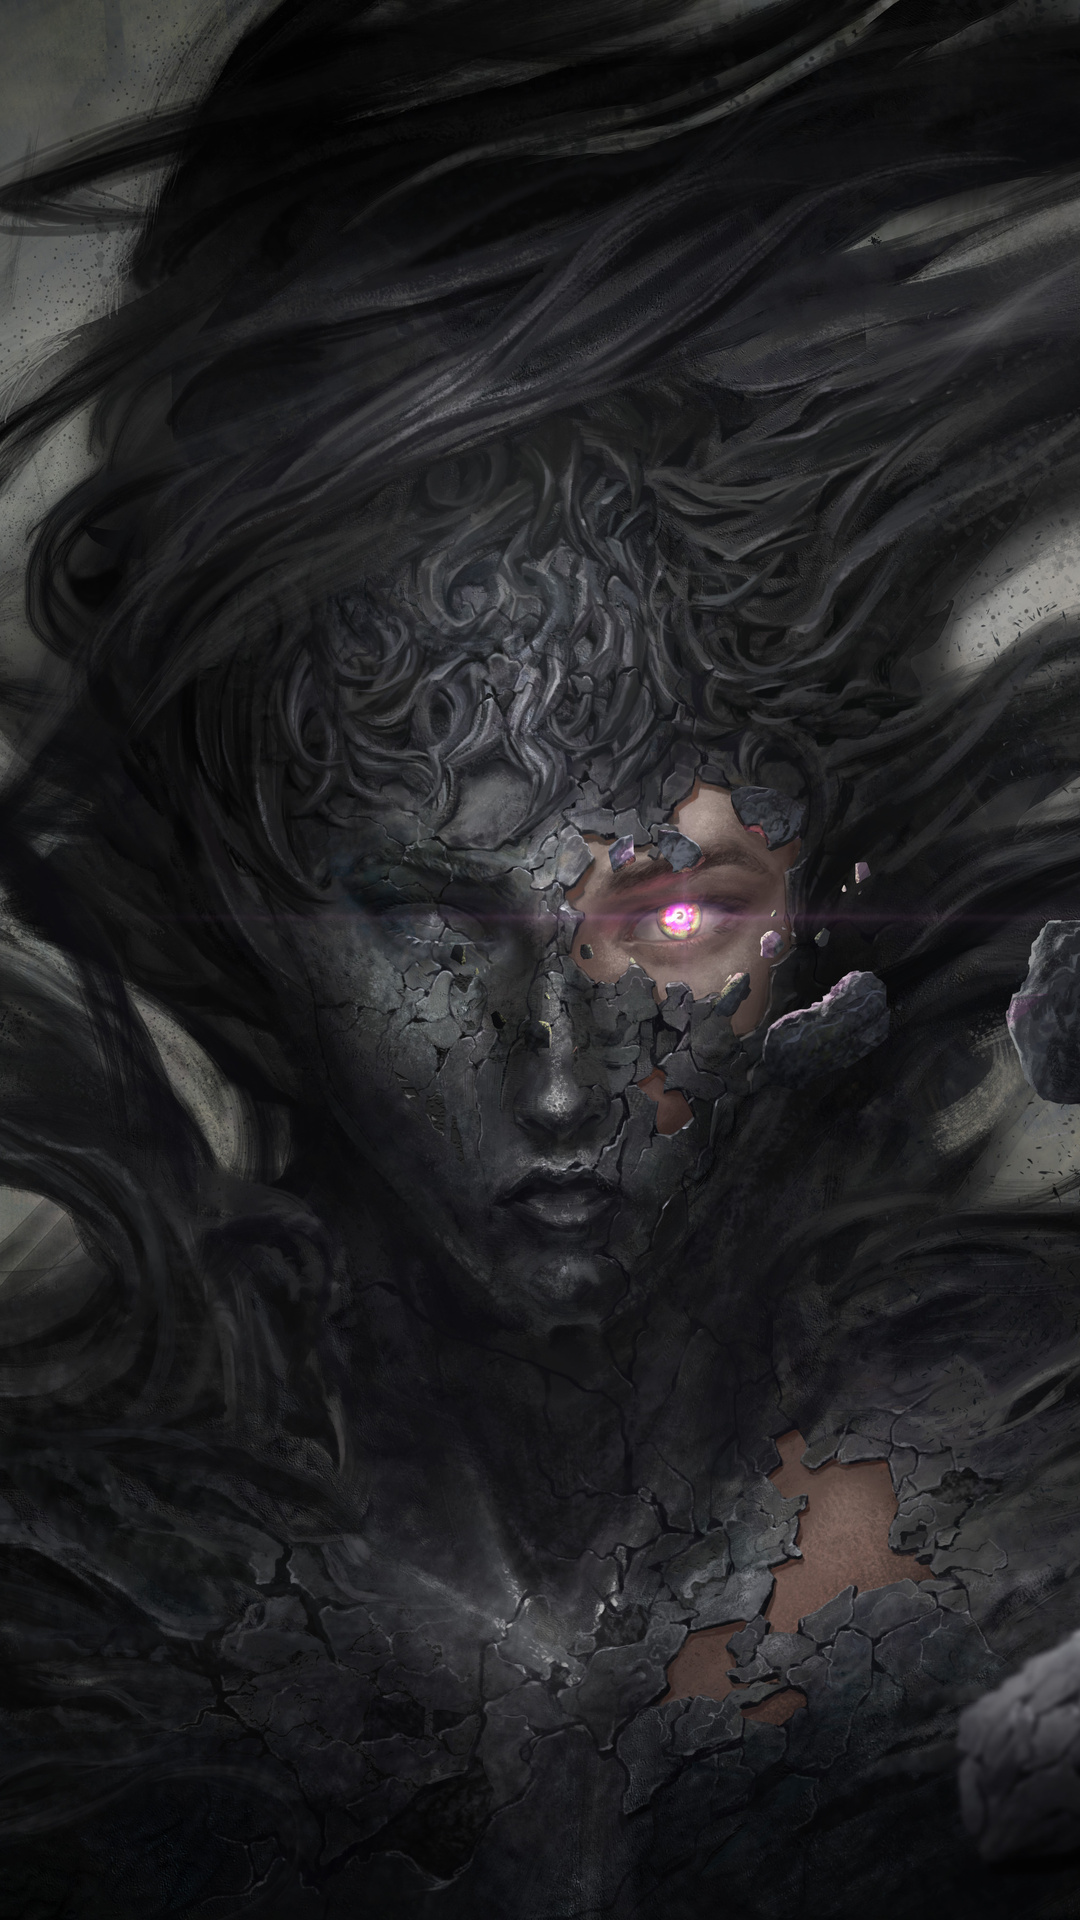 1080x1920 dark demon fantasy witch 8k iphone 7 6s 6 plus - Demon wallpaper 4k ...